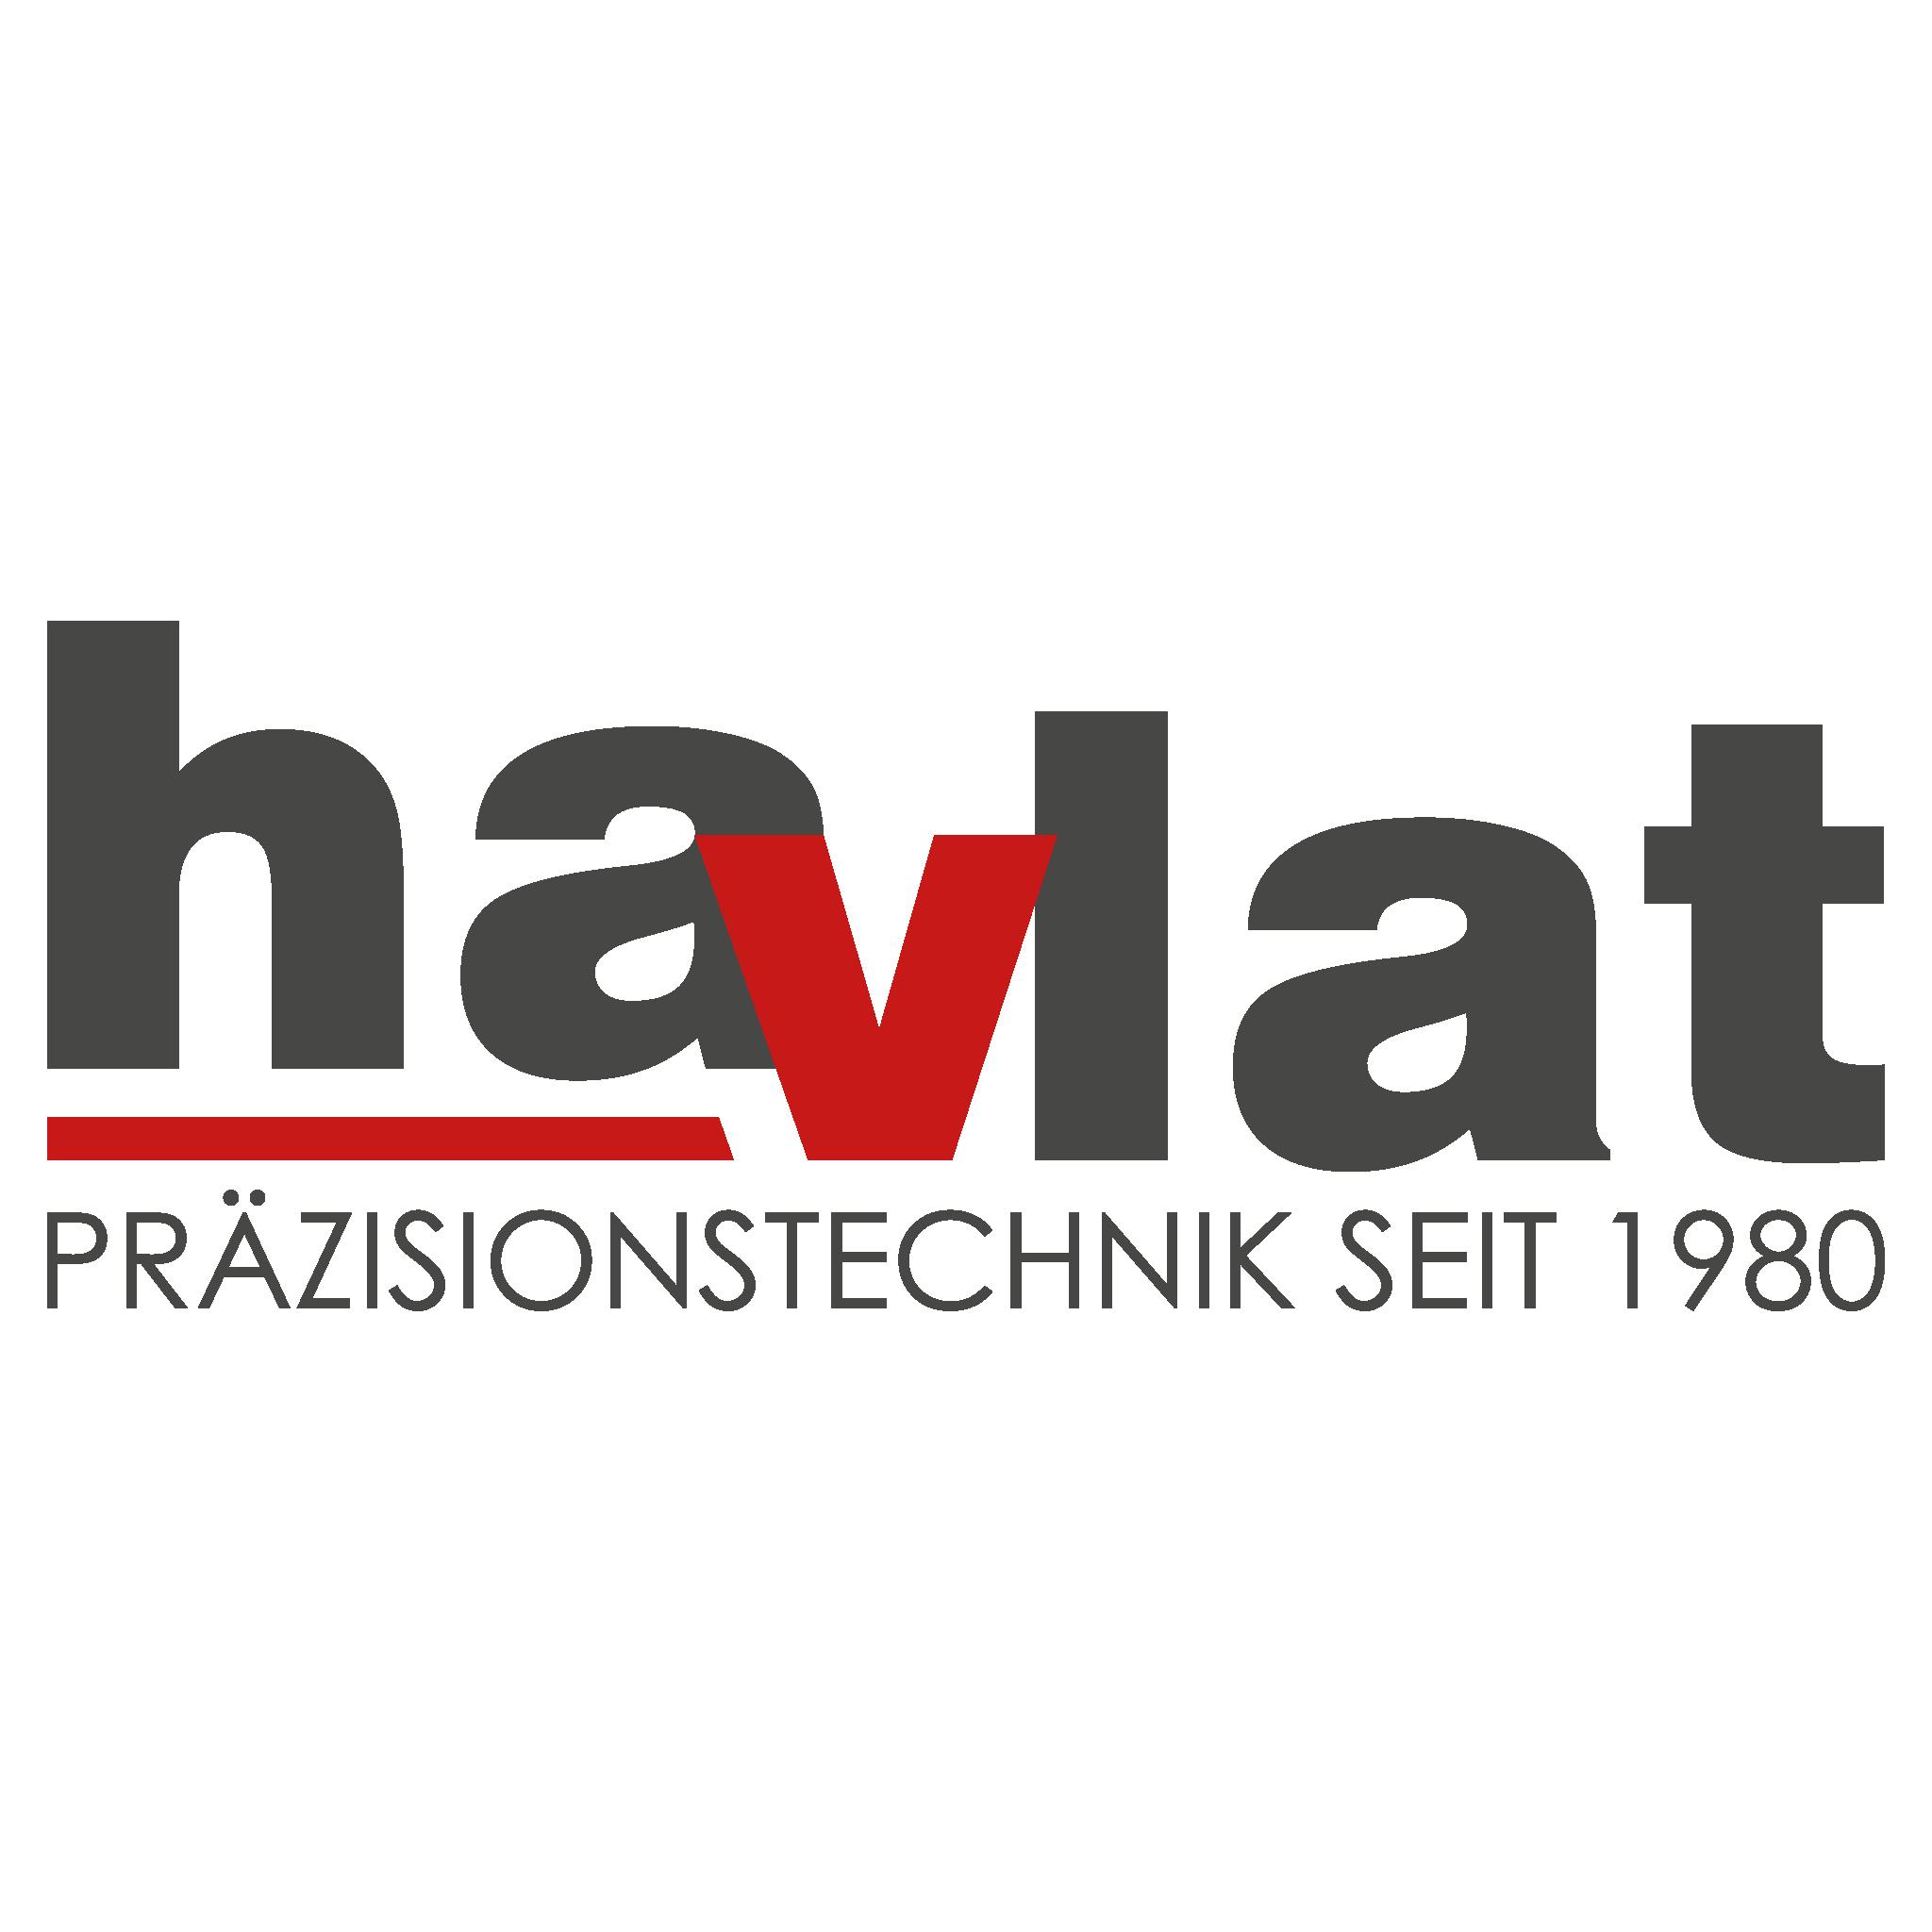 HAVLAT Präzisionstechnik